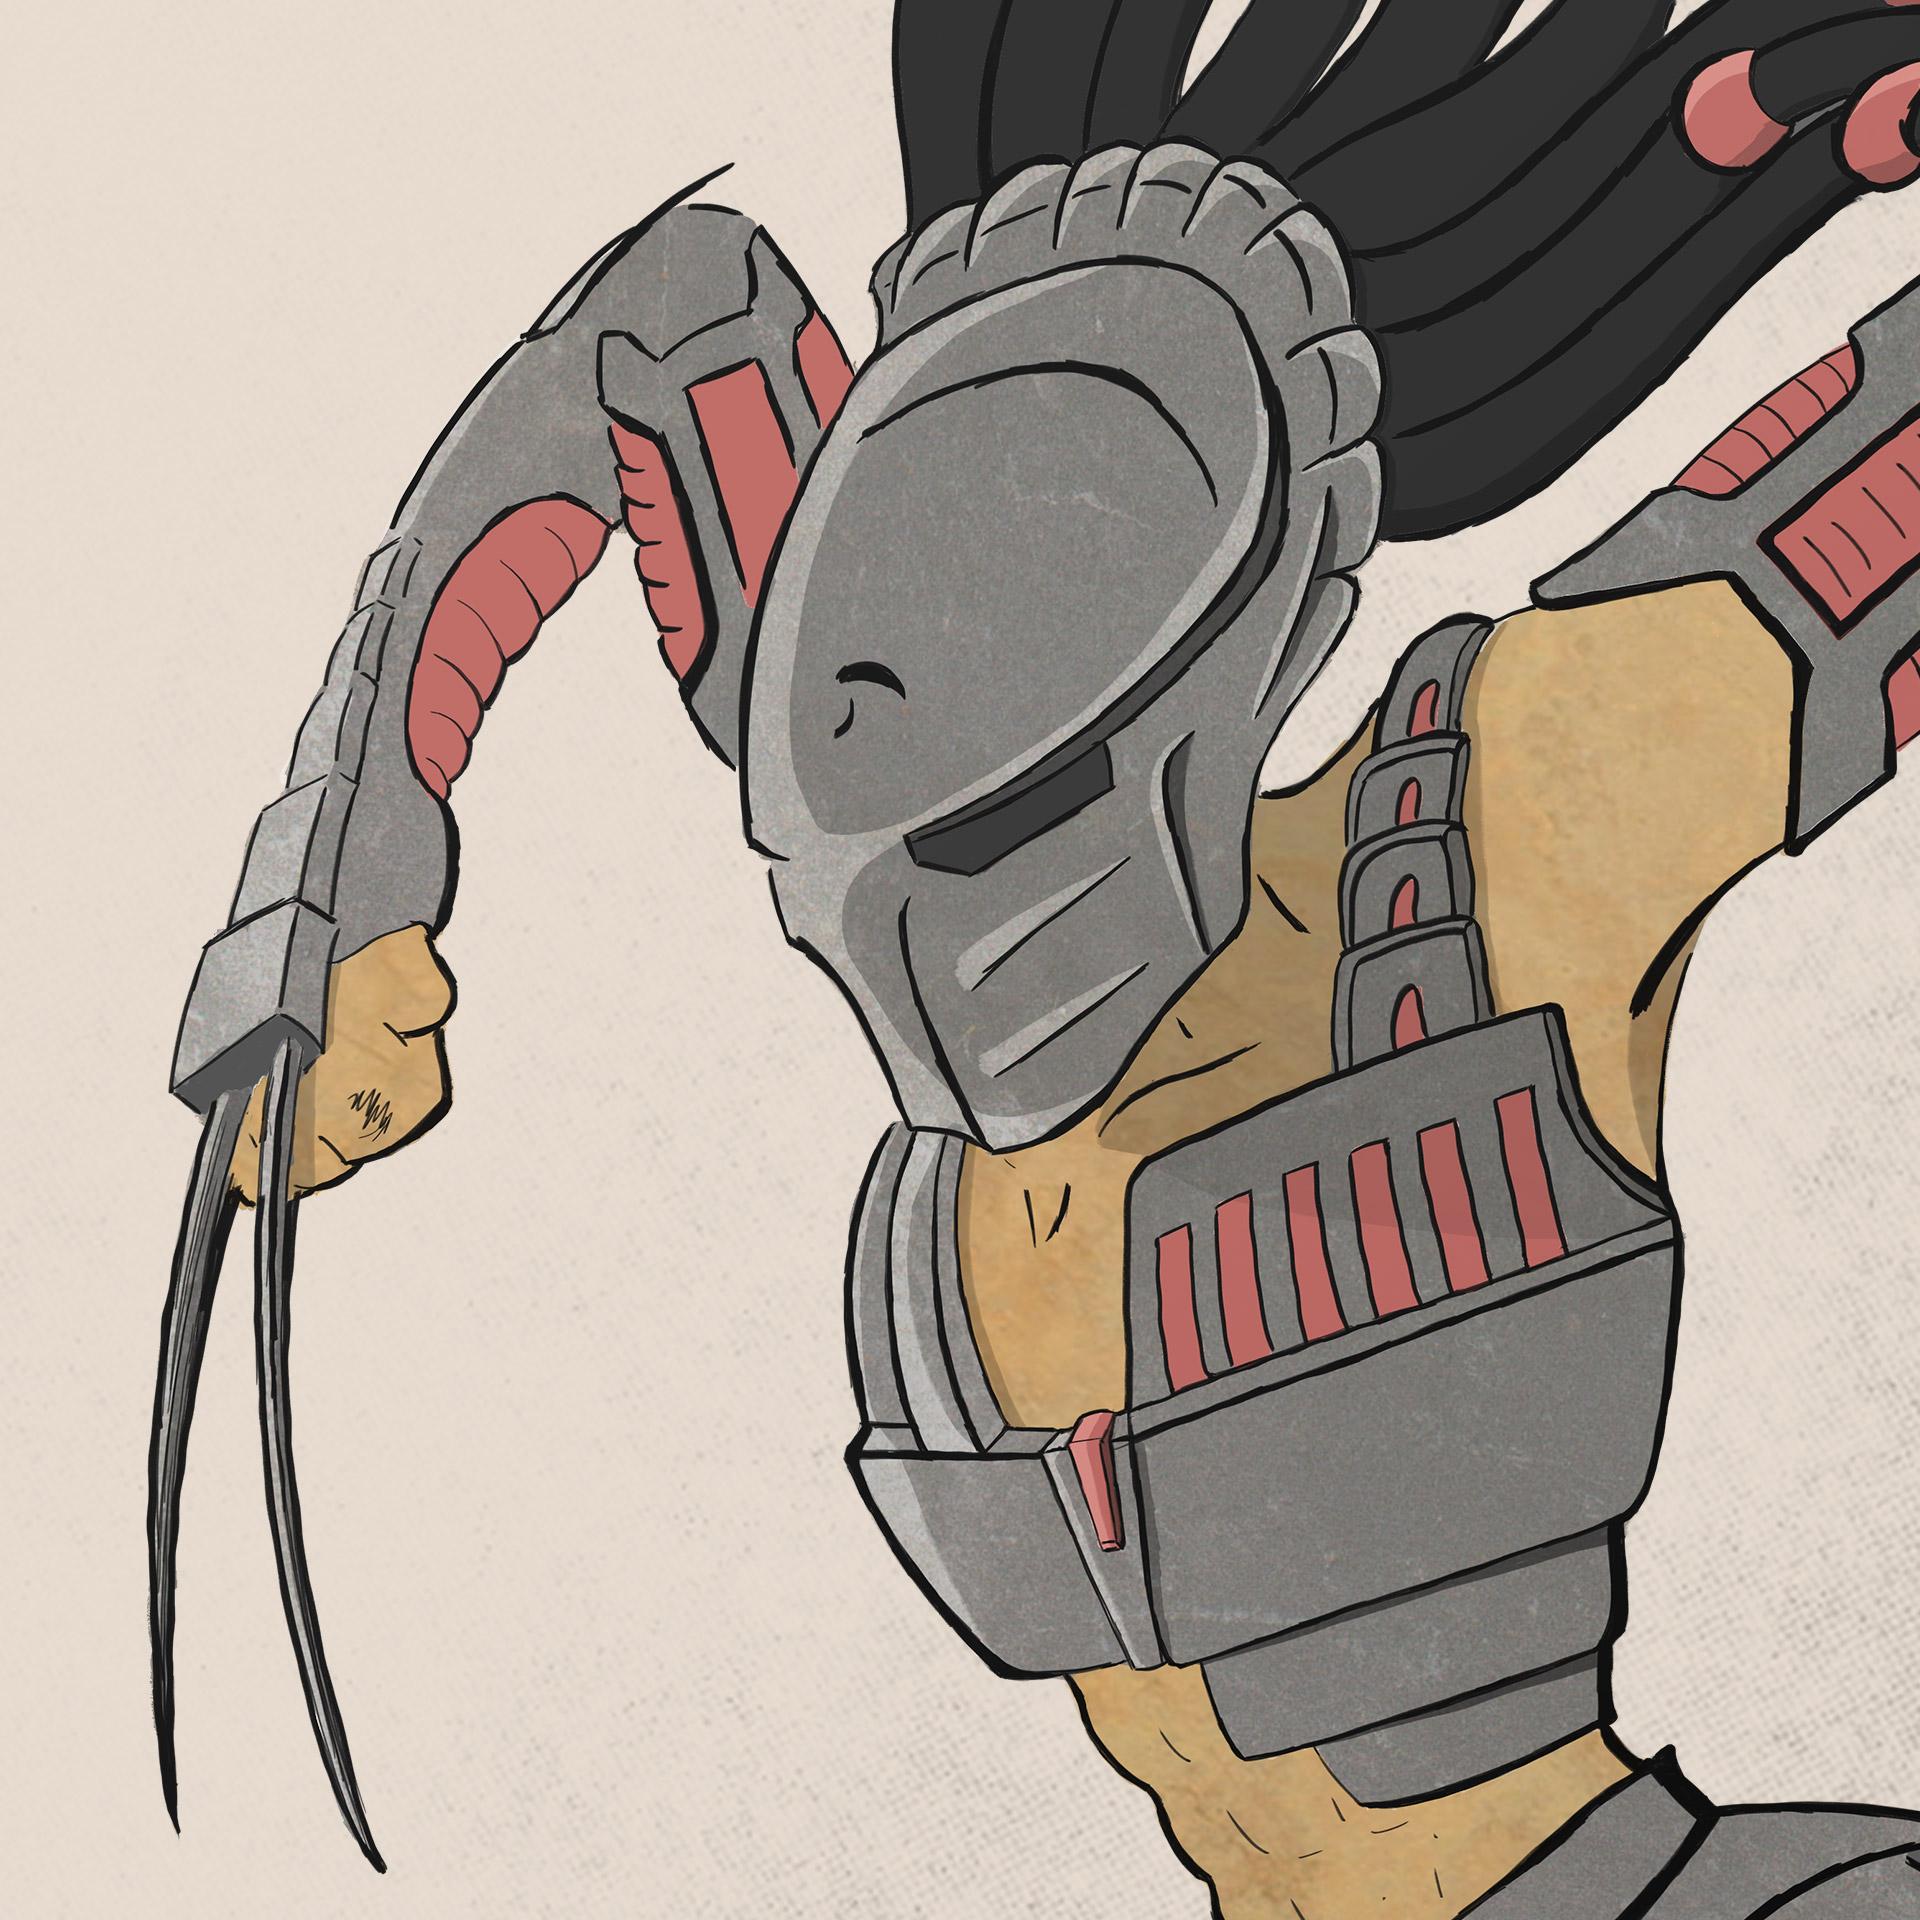 yautja-warrior-illustration-00.jpg